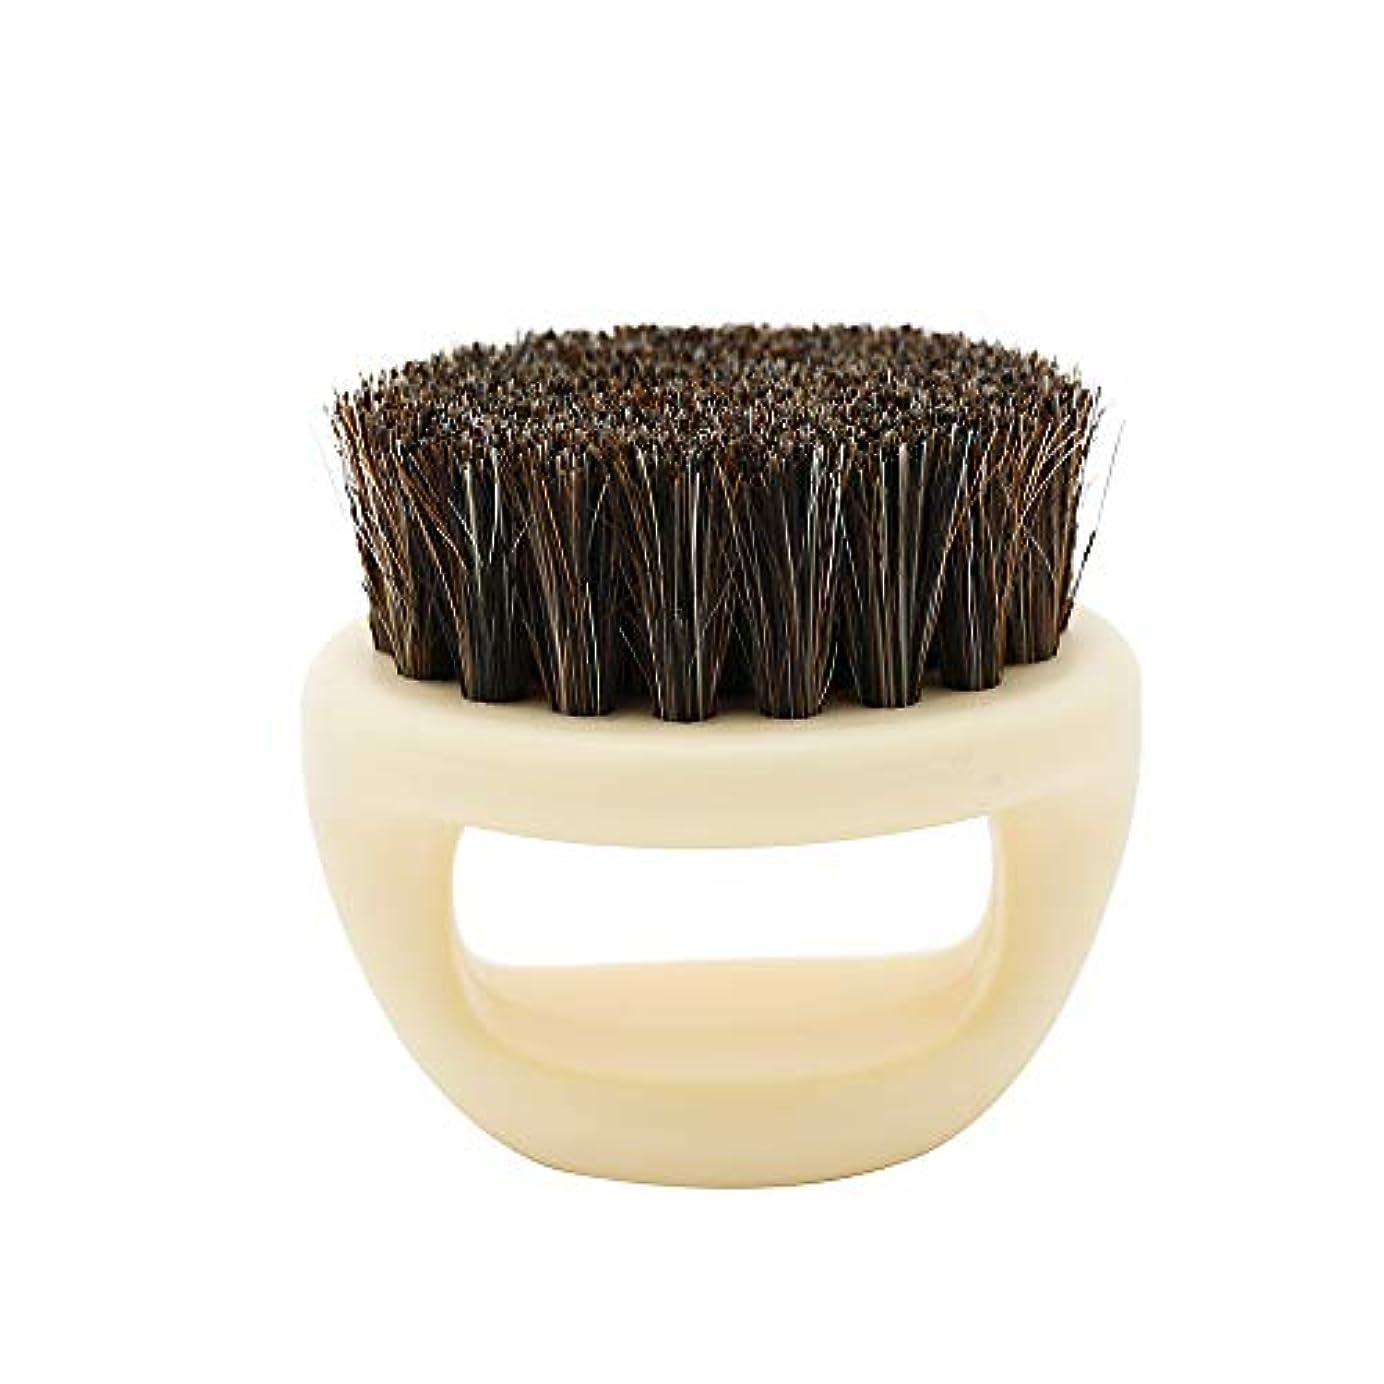 そう最も早いやろうRETYLY 1個リングデザイン馬毛メンズシェービングブラシプラスチック製の可搬式理容ひげブラシサロンフェイスクリーニングかみそりブラシ(ホワイト)